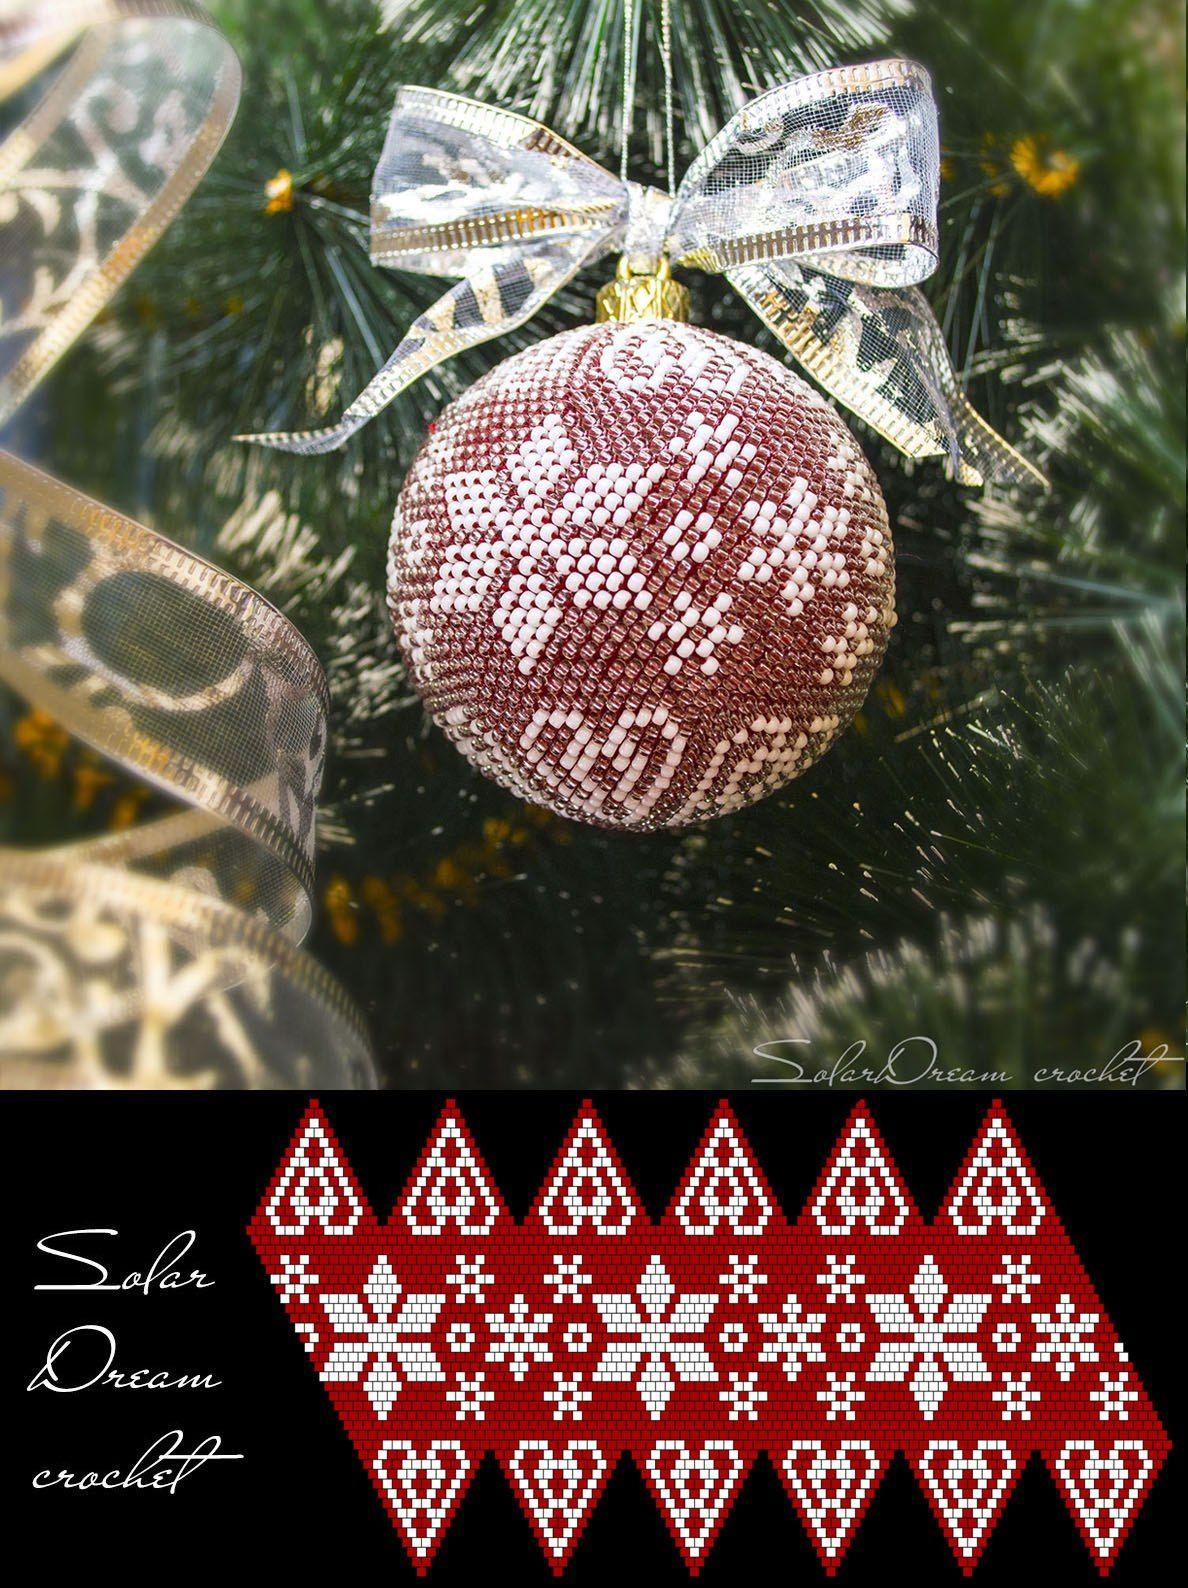 Besplatnye Shemy Dlya Sumochek Ot Solardream 24 Photos Vk Beaded Christmas Ornaments Christmas Bead Beaded Ornament Covers